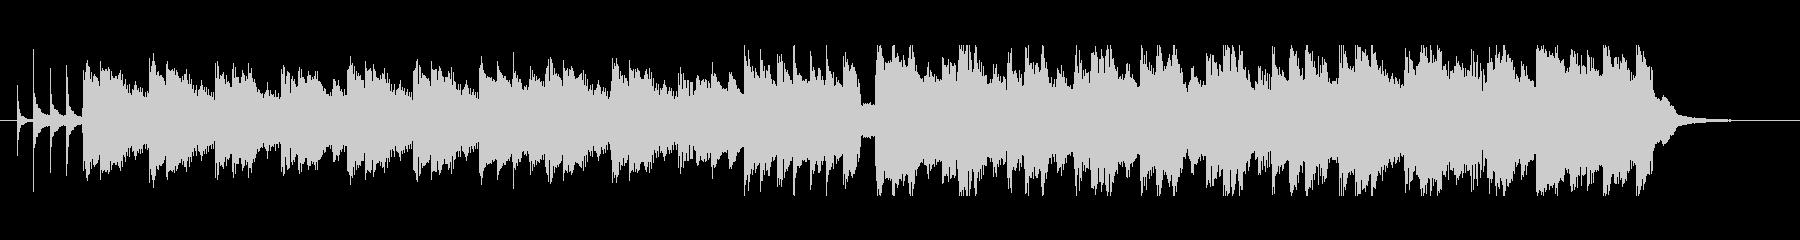 紹介動画に合う淡々としたハーモニカ曲の未再生の波形